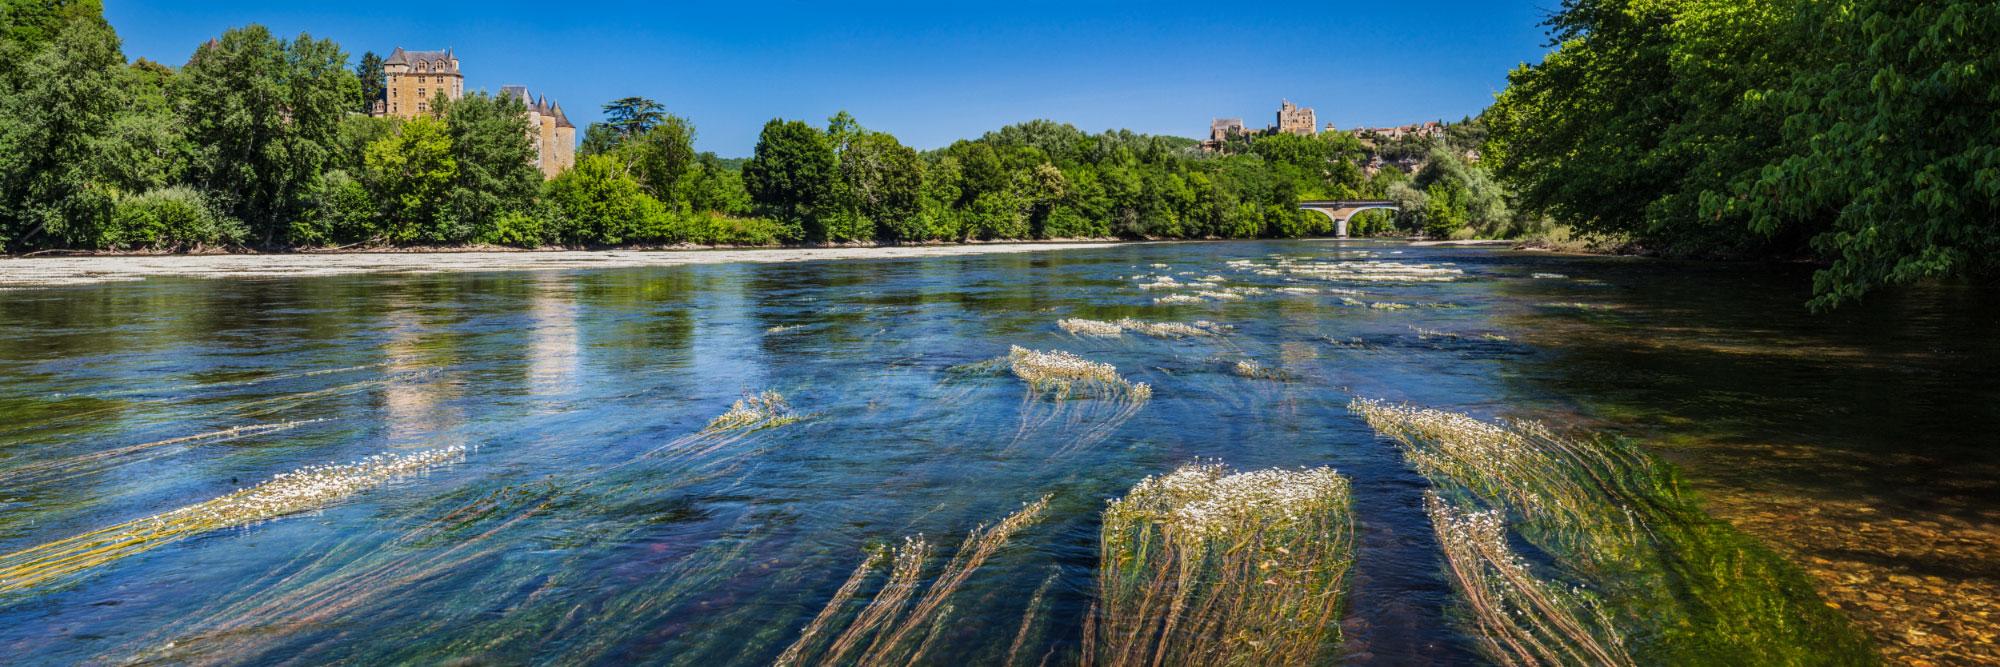 Herbiers à renoncules sur la Dordogne à Vézac, avec les châteaux de Fayrac et de Beynac sur les coteaux